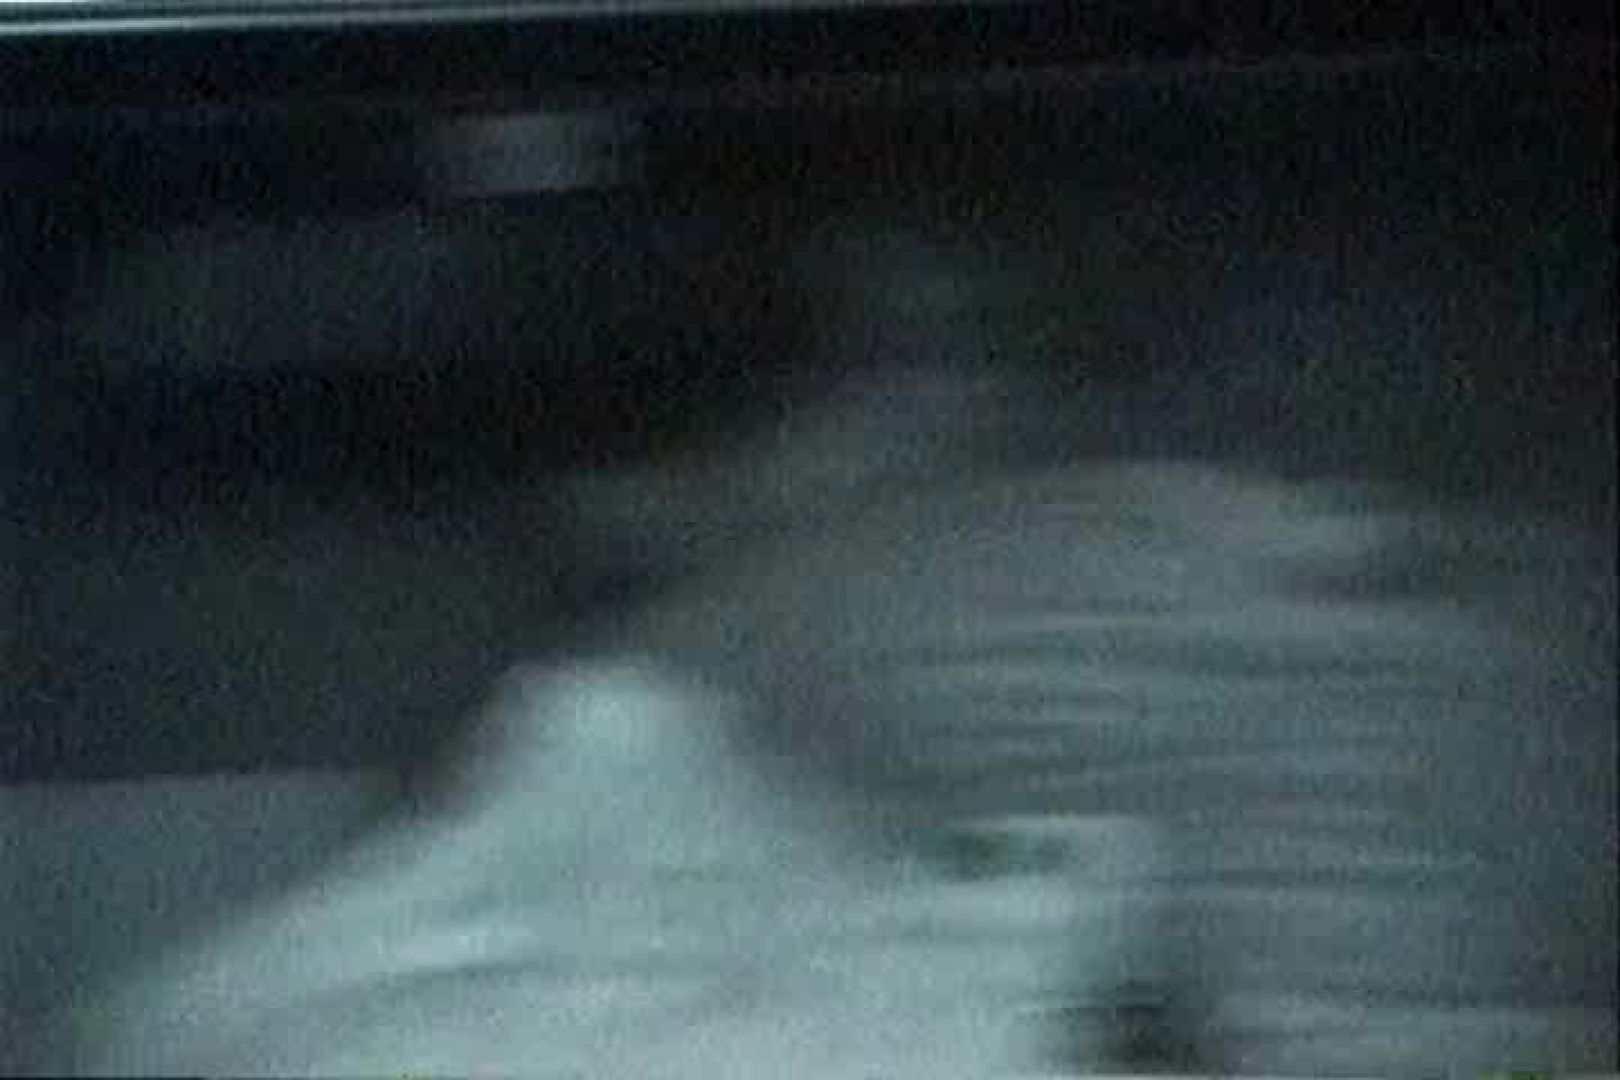 充血監督の深夜の運動会Vol.151 カーセックス AV動画キャプチャ 97画像 27